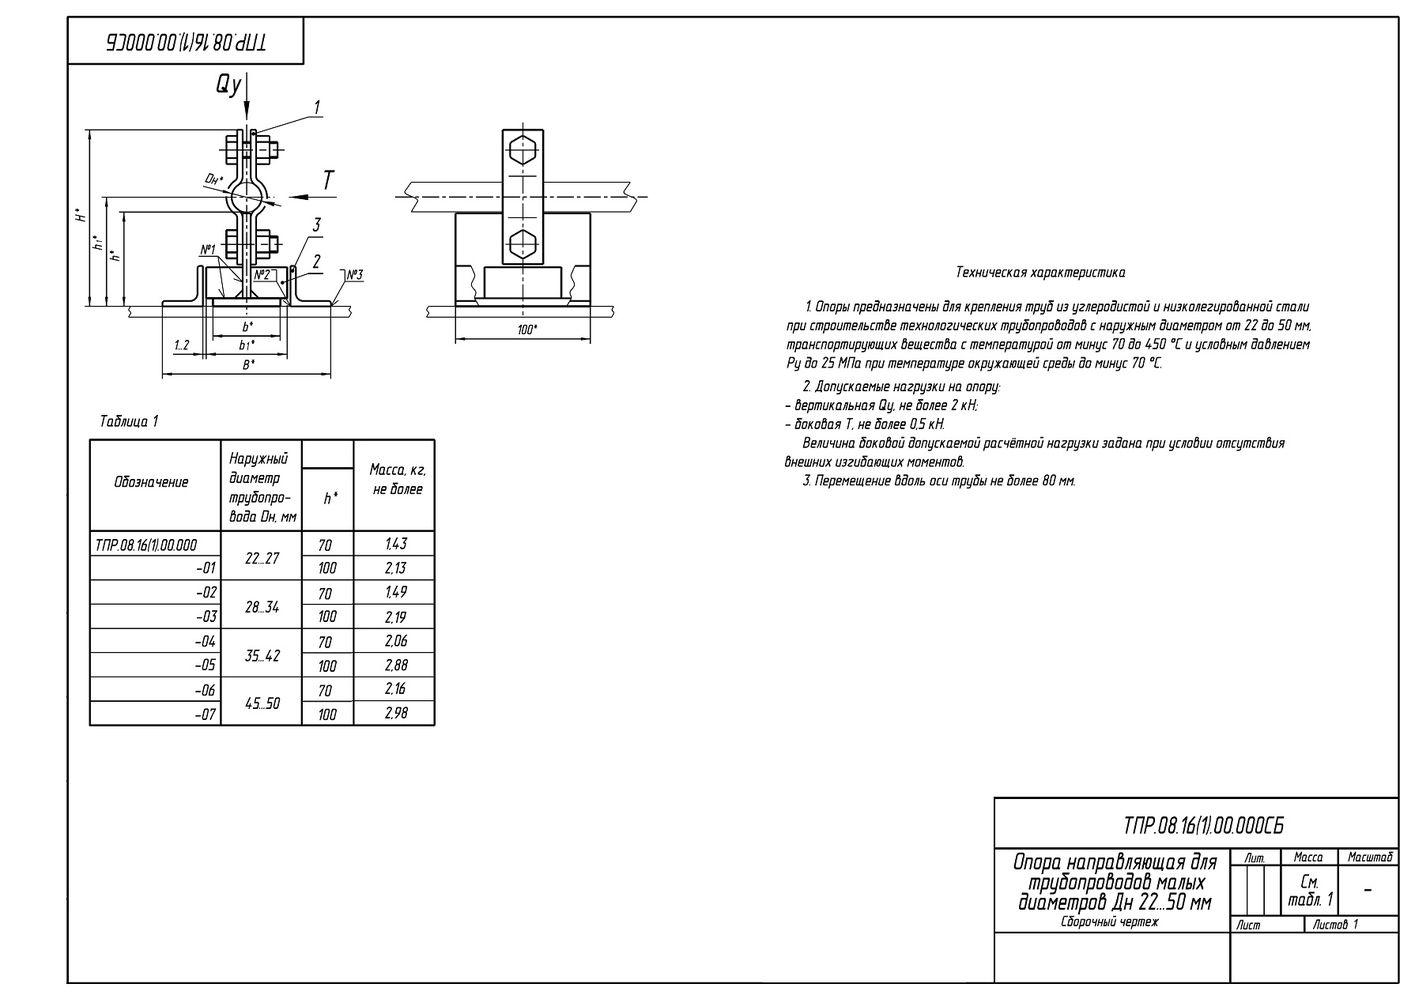 ТПР.08.16(1).00.000 Опоры направляющие для трубопроводов малого диаметра Дн 22-50 мм